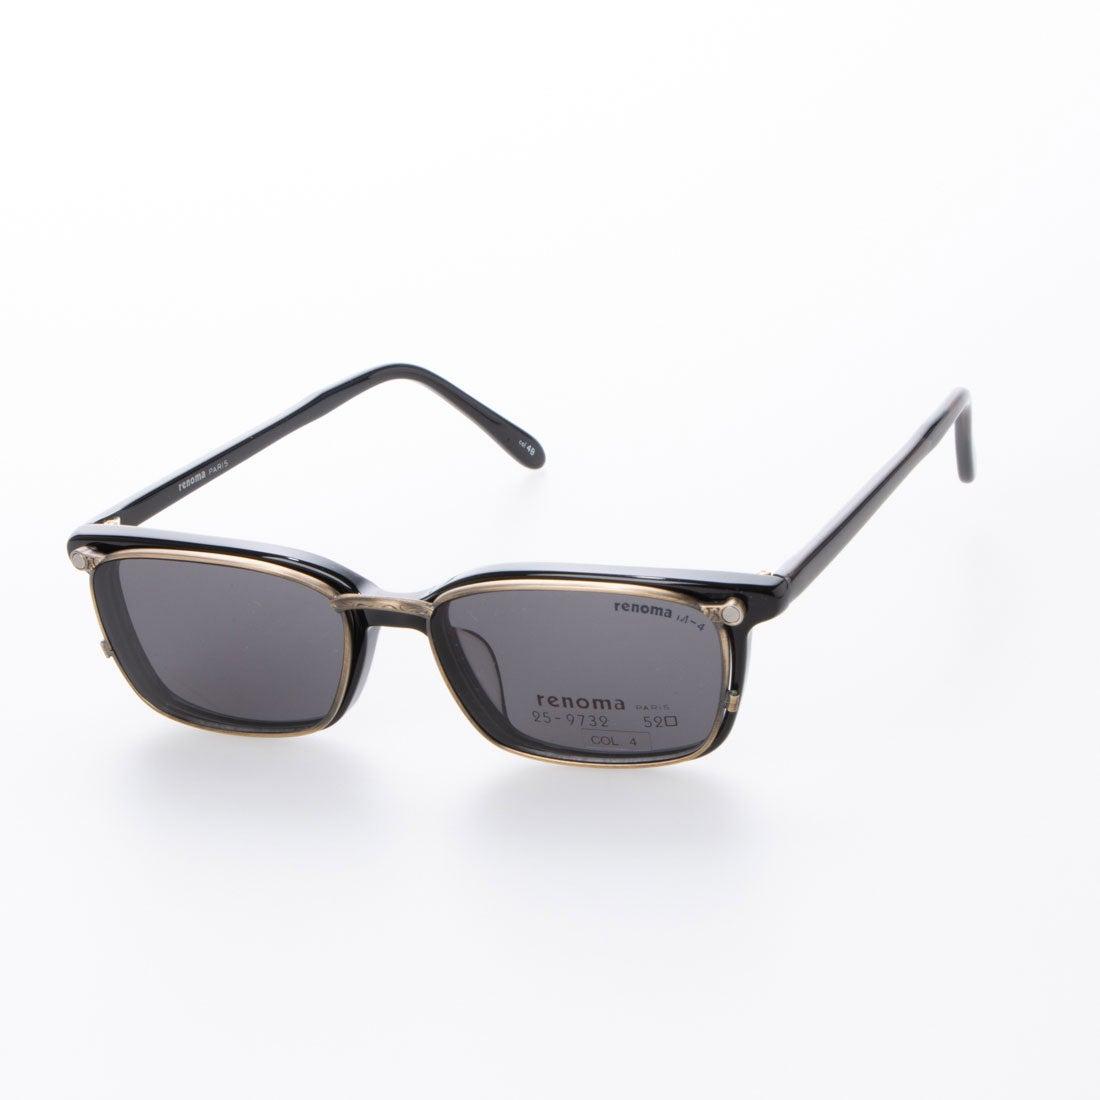 レノマ renoma メガネ 眼鏡 アイウェア サングラス クリップオン レディース メンズ (ブラック)